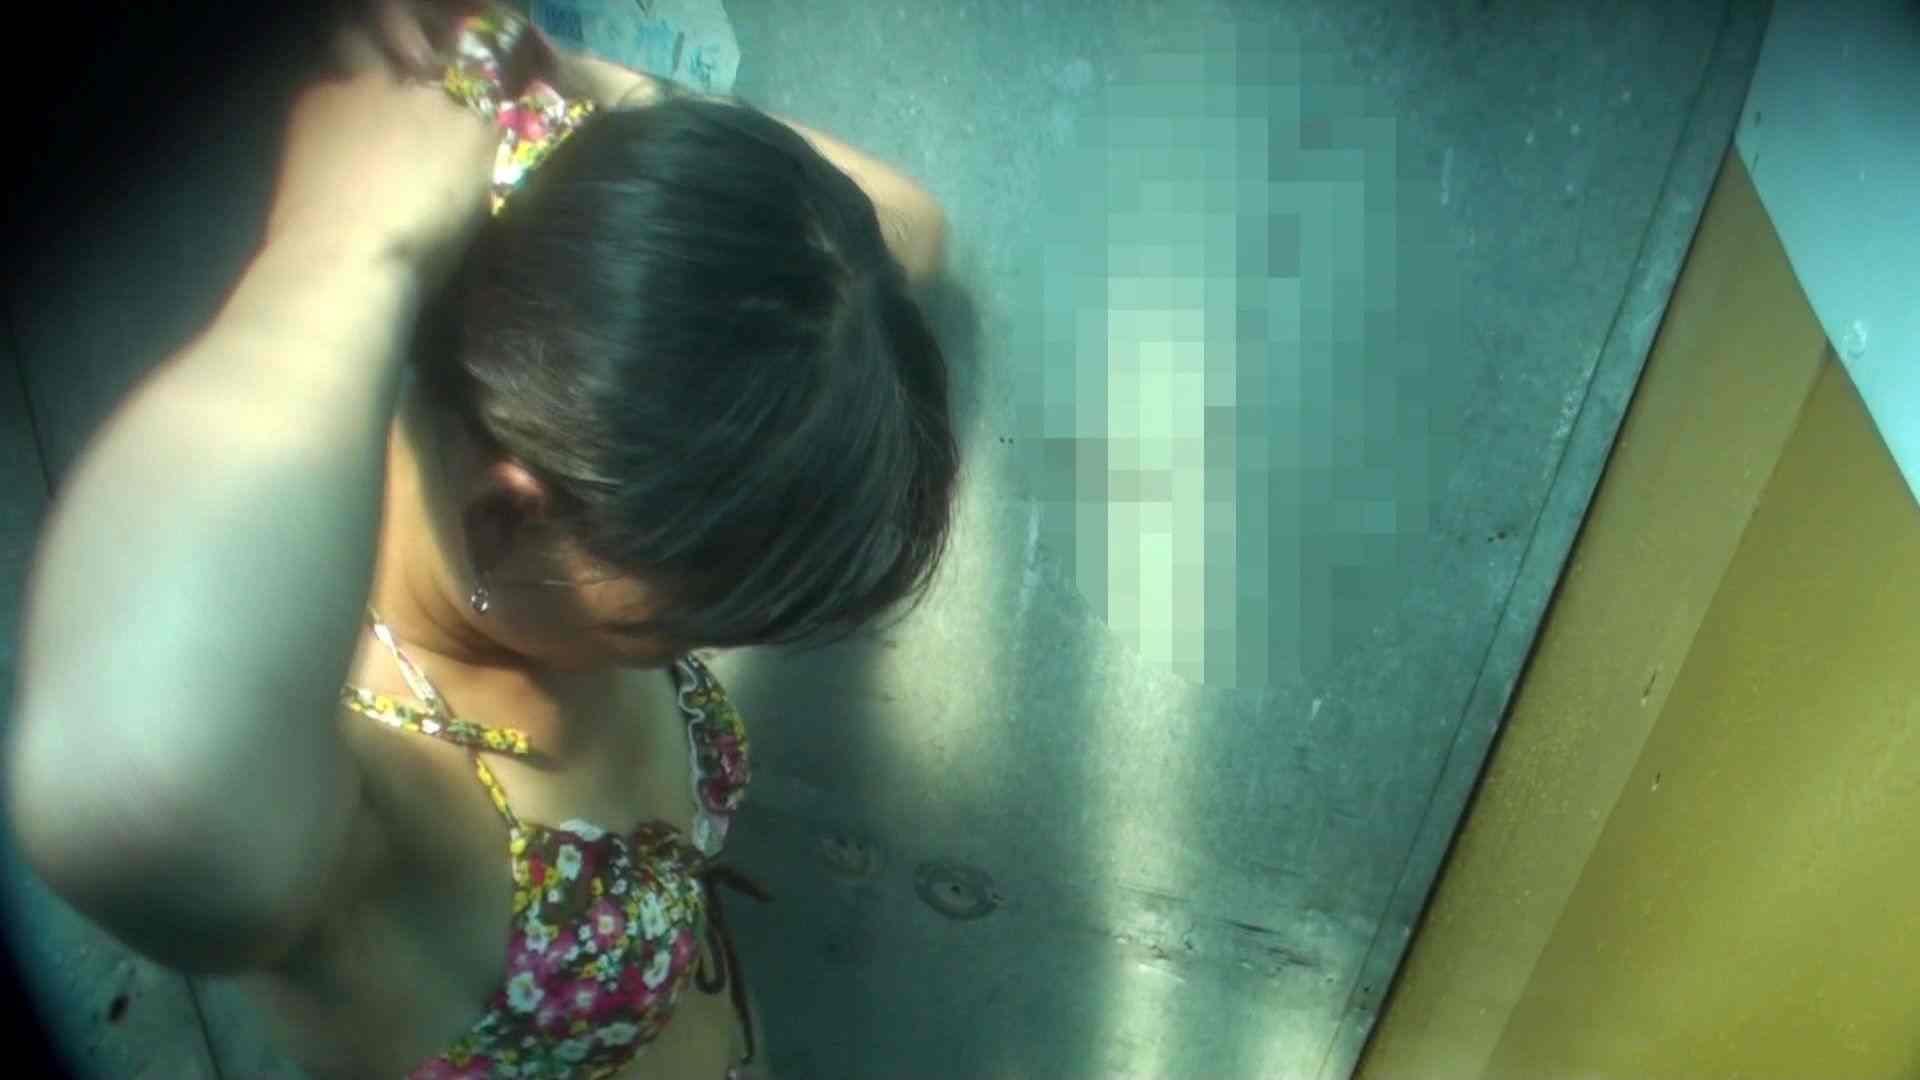 シャワールームは超!!危険な香りVol.16 意外に乳首は年増のそれ 乳首   OLの実態  61pic 41